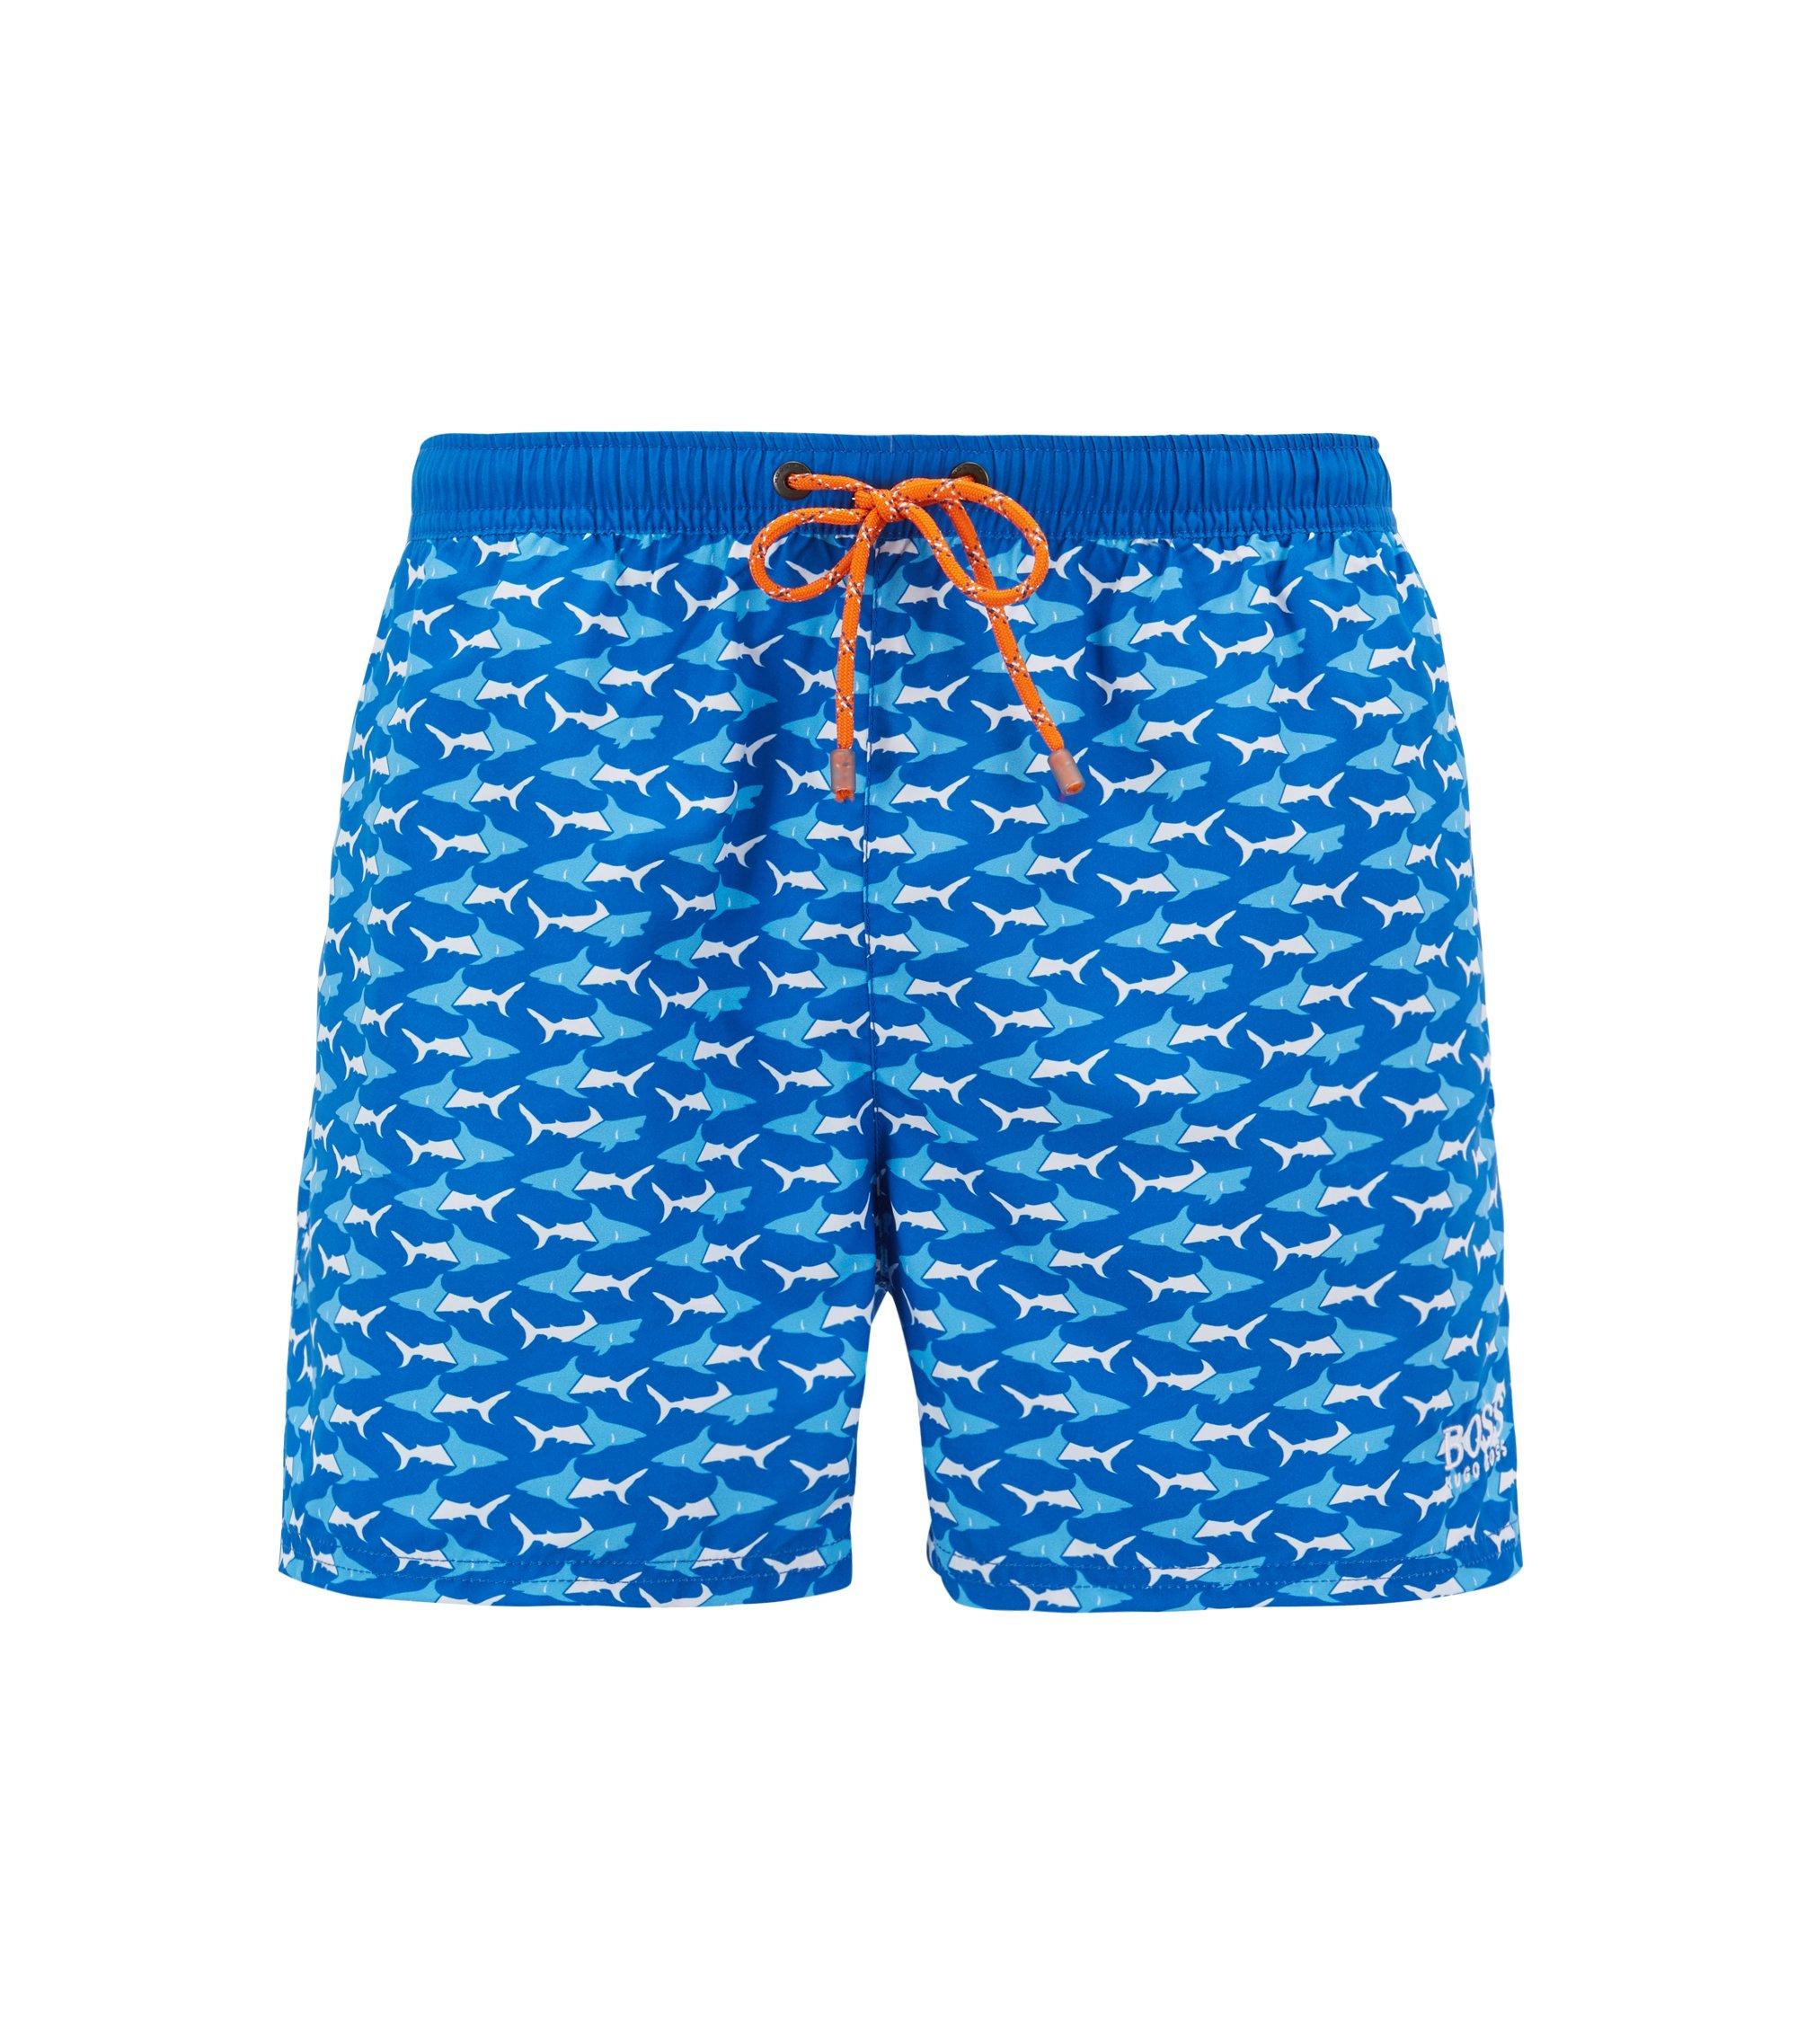 Badeshorts in Cropped-Länge mit Meerestier-Print, Blau